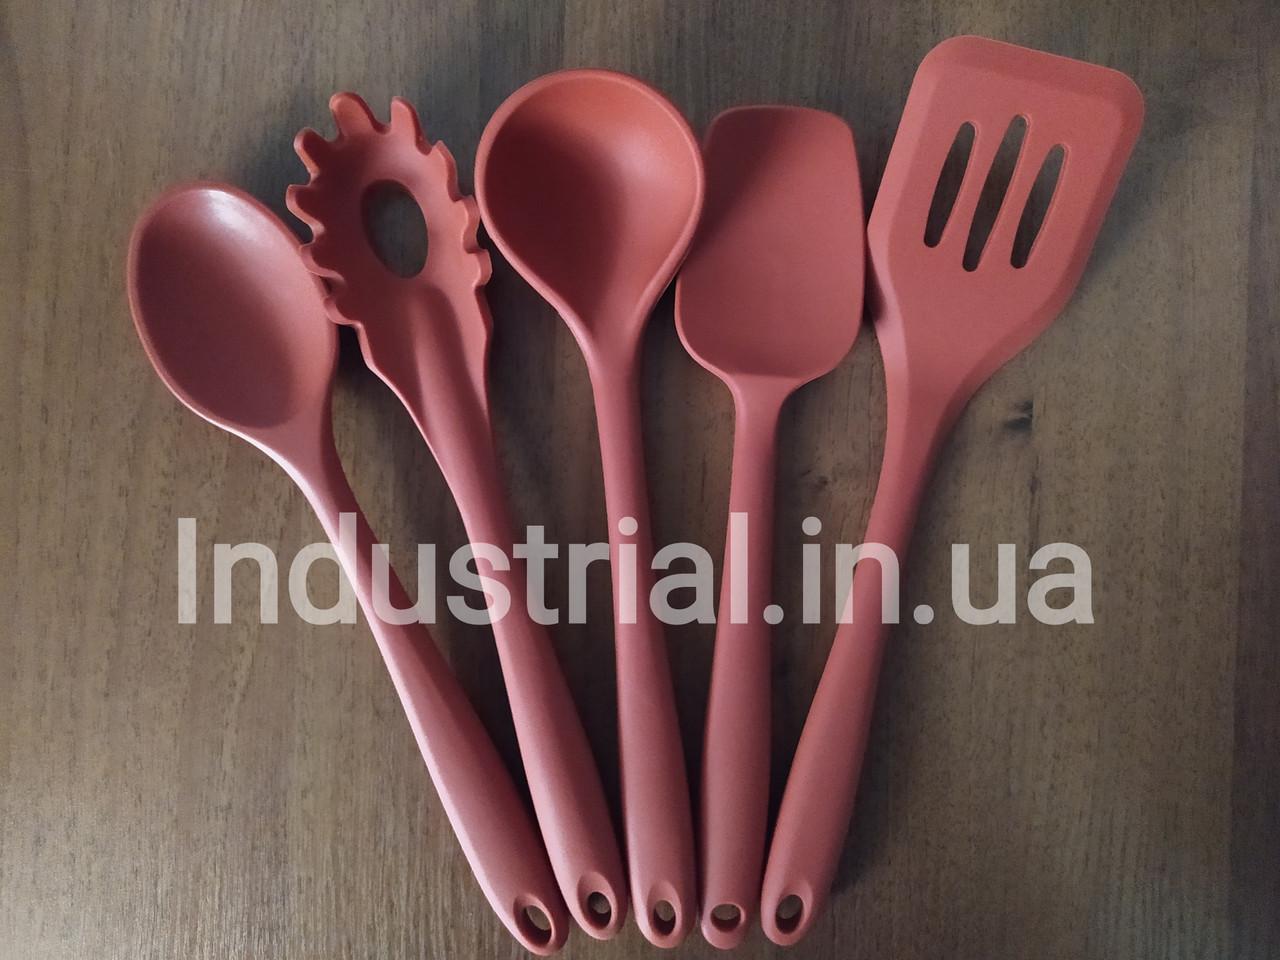 Набор силиконовых кухонных принадлежностей 5 шт Красный